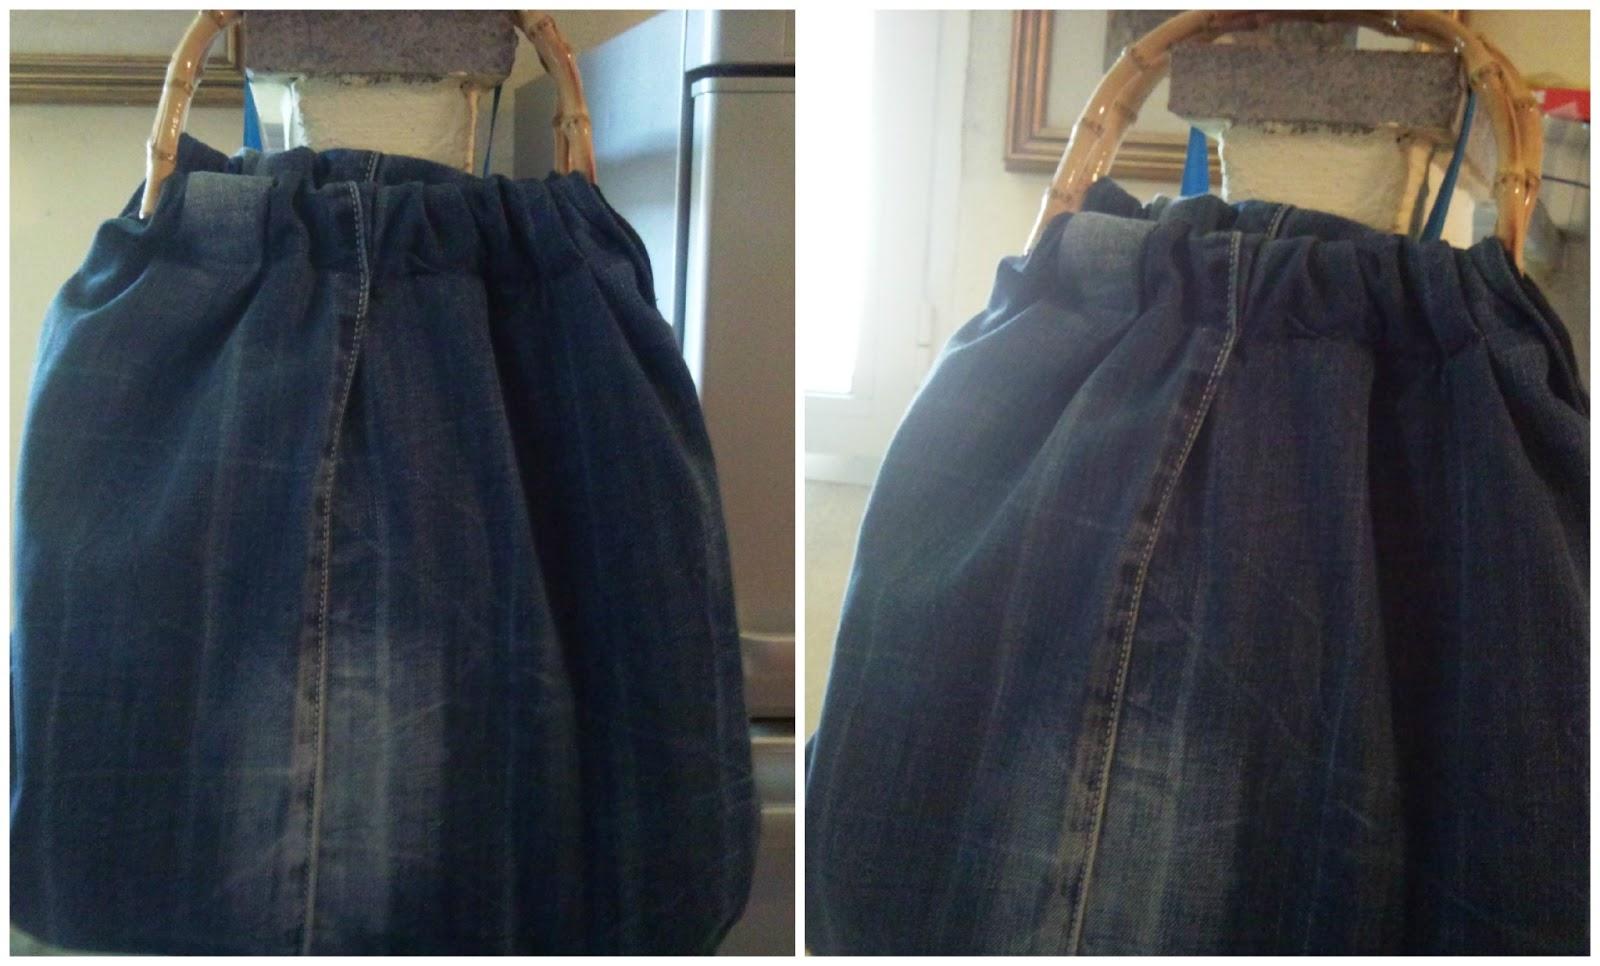 Borse Fatte A Mano Con I Jeans : Con un filo colorato borsa di jeans manici in bamboo